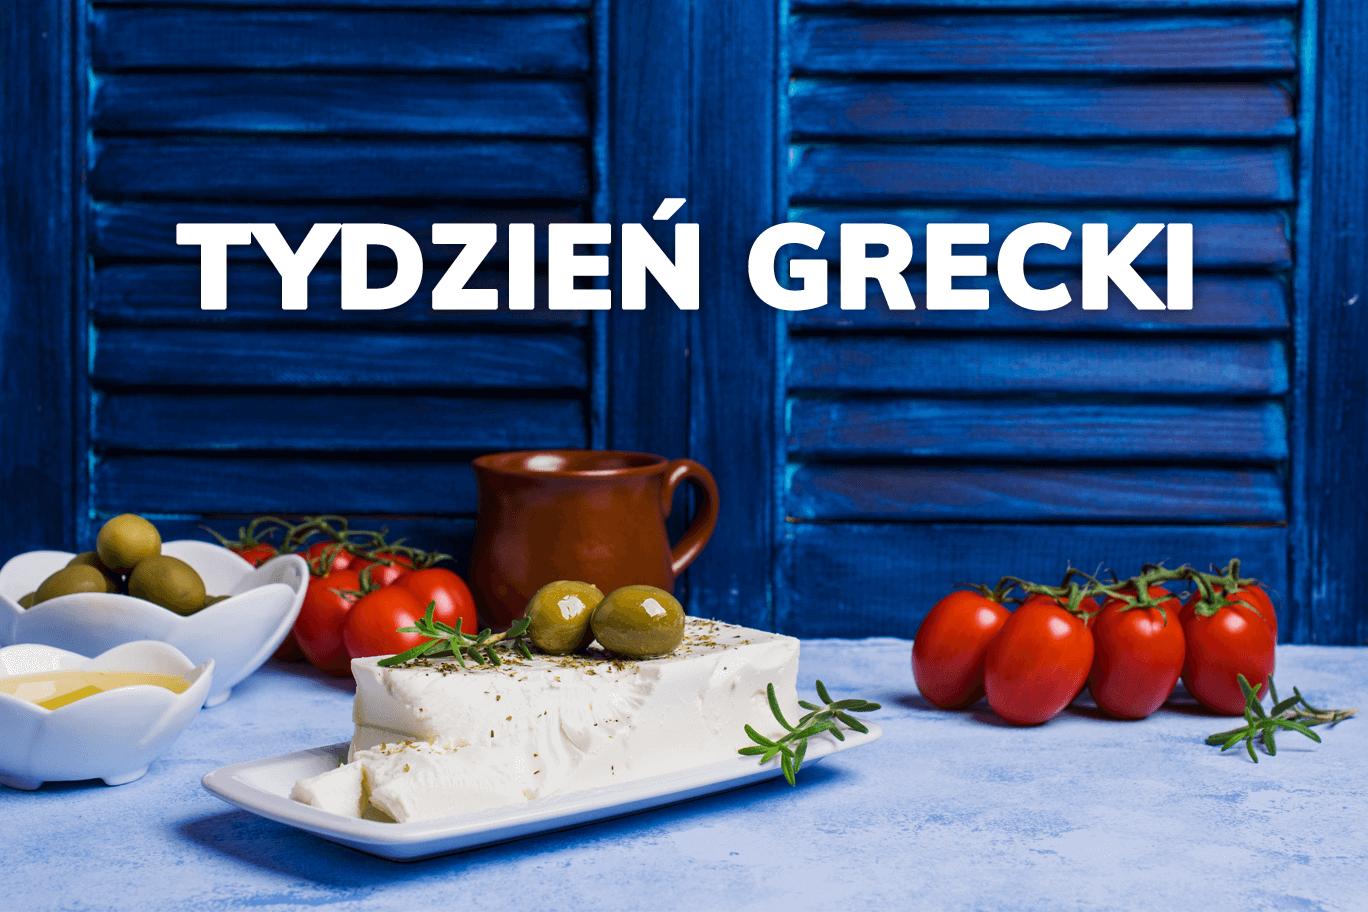 Na Zeusa! Zaczynamy tydzień grecki w Lidlu